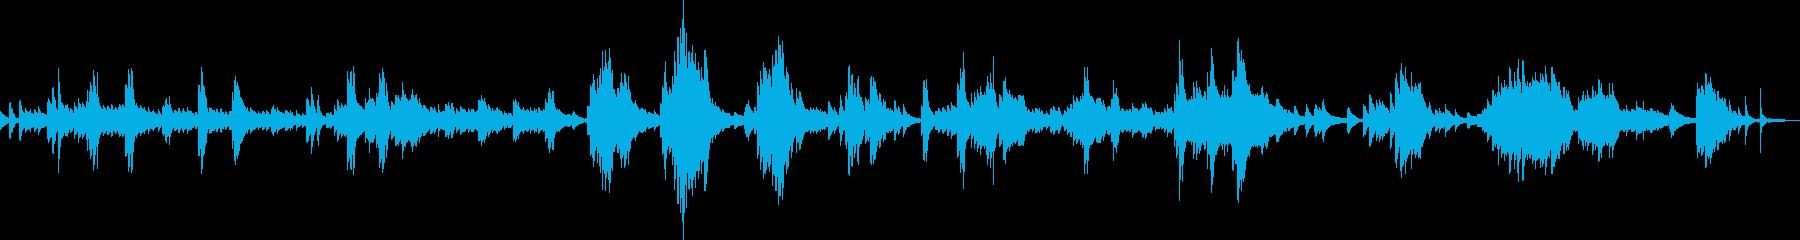 別れ(ピアノバラード・悲しい・しっとり)の再生済みの波形